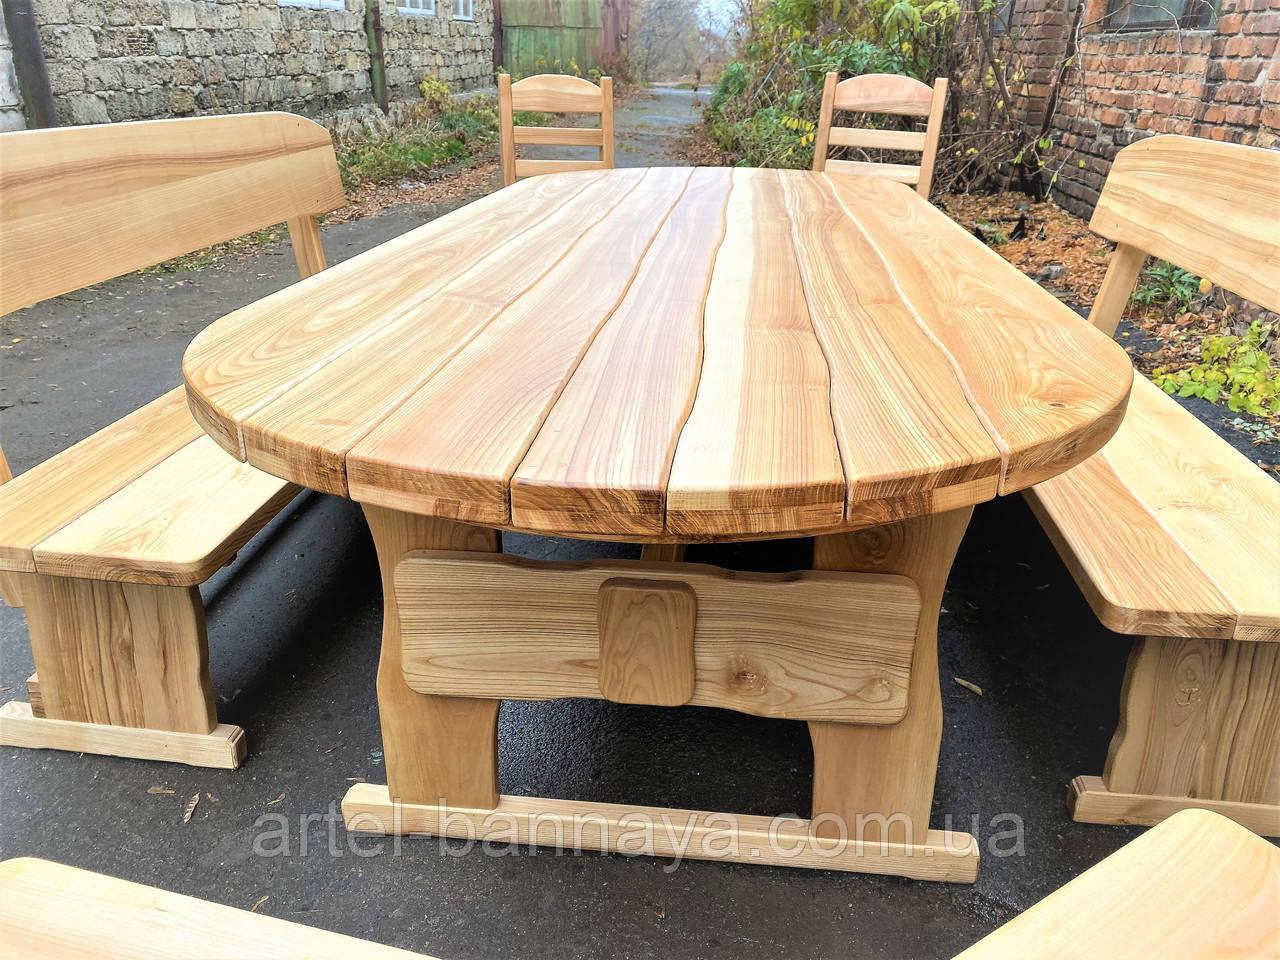 Дизайнерская деревянная мебель ручной работы из массива ясеня 2500х1000 под заказ от производителя Днепр